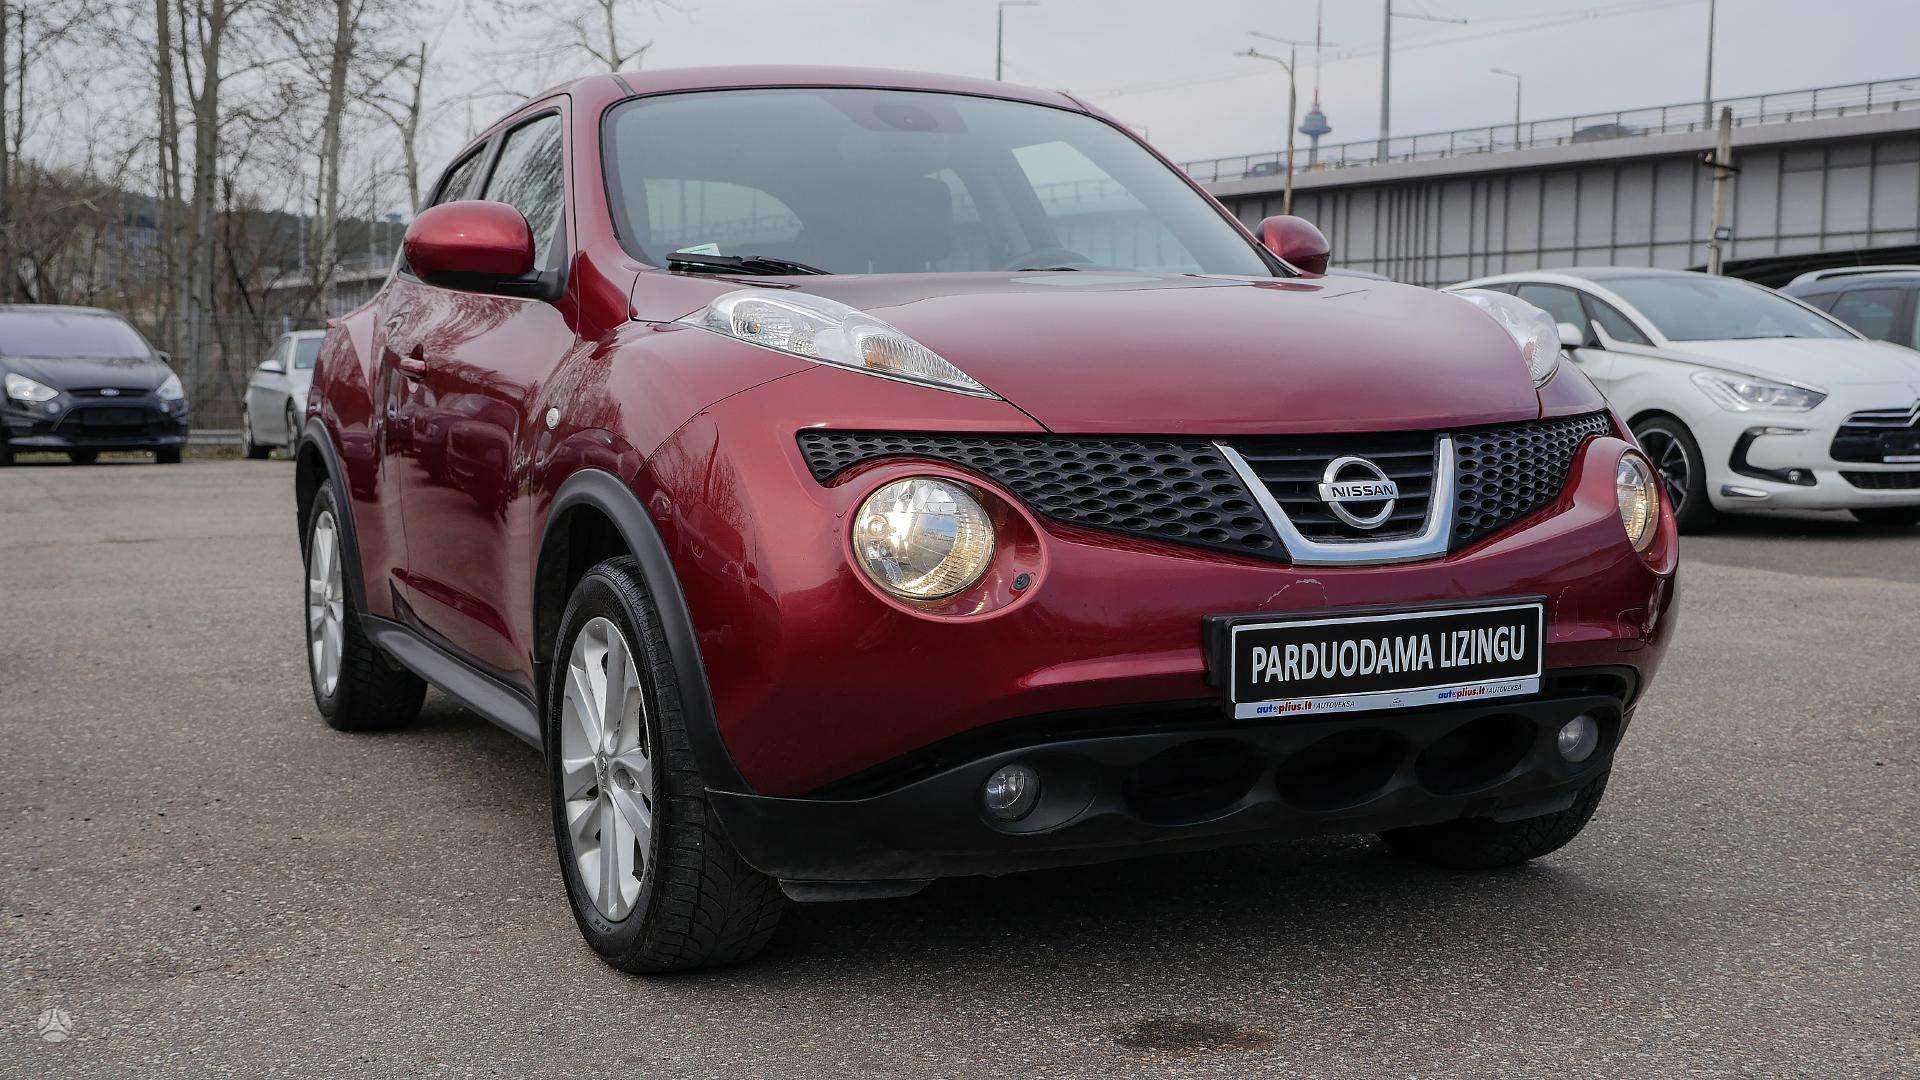 Nissan Juke išsimokėtinai nuo 116Eur/mėn su 3 mėnesių garantija